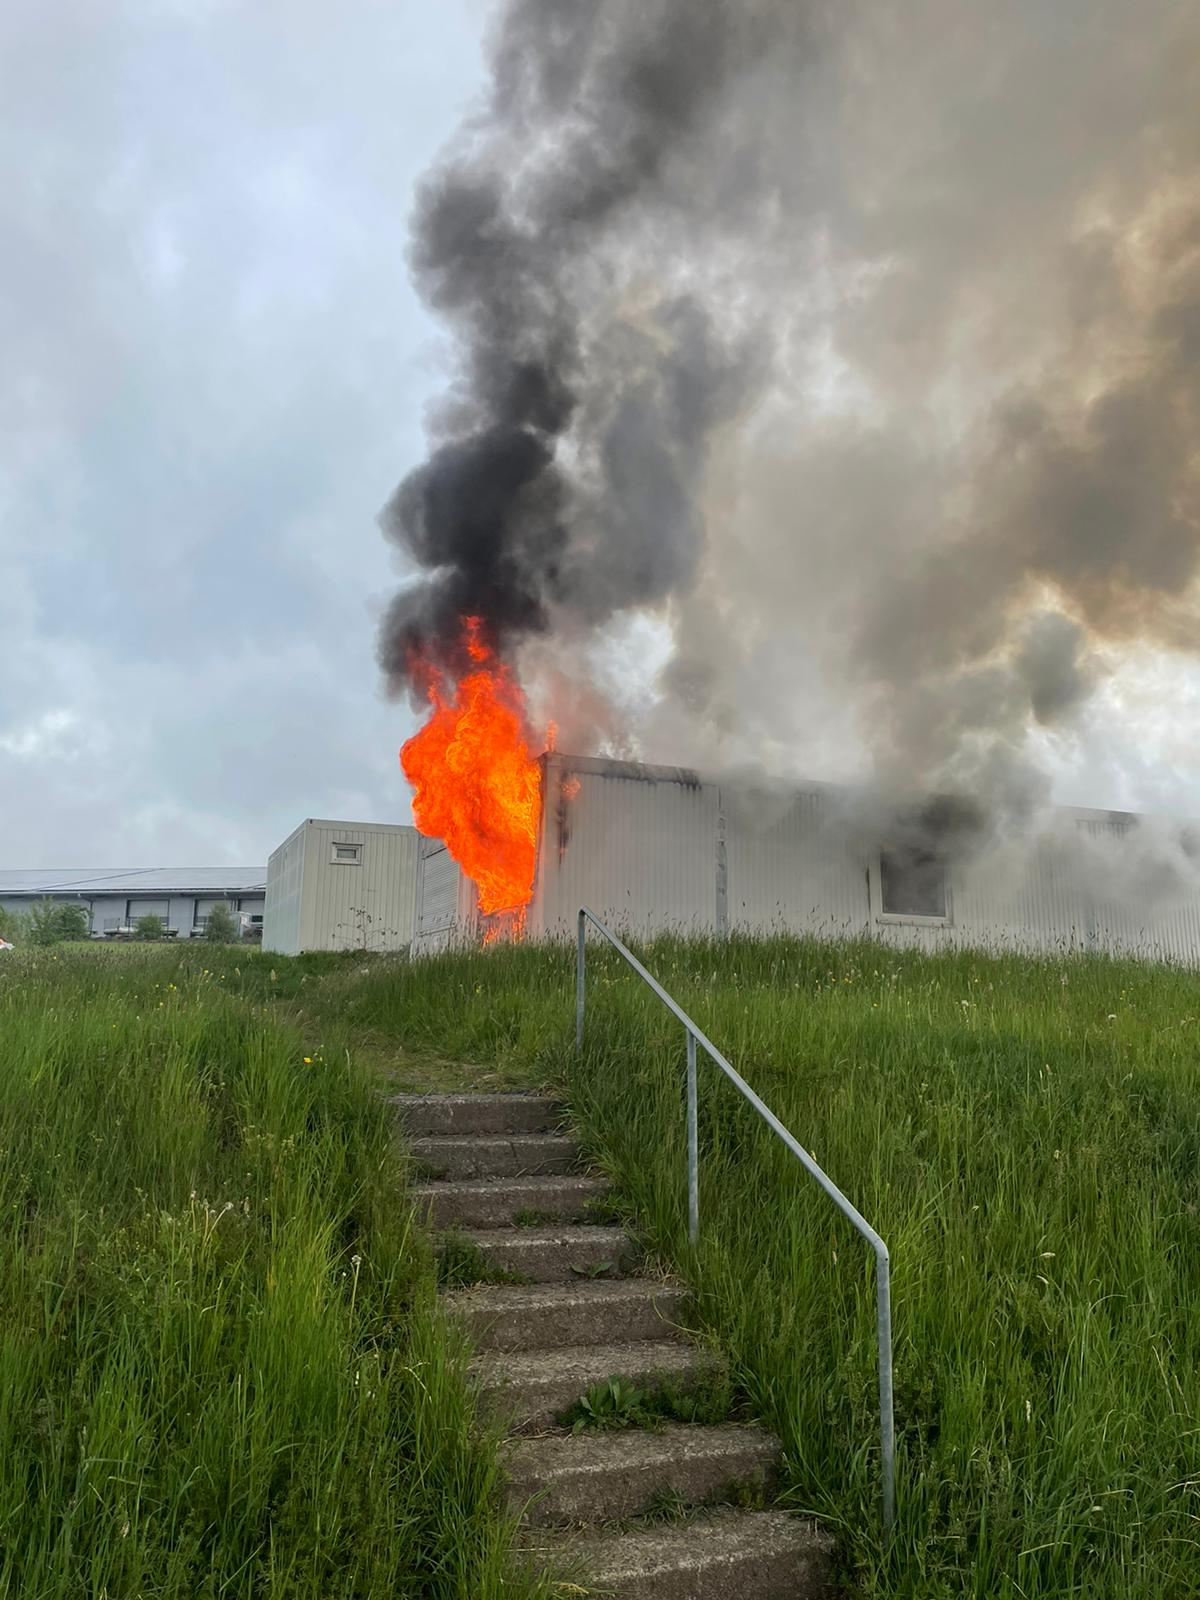 2021-36: 11.05.2021 08:09 Uhr – Feuer in Wohncontainer